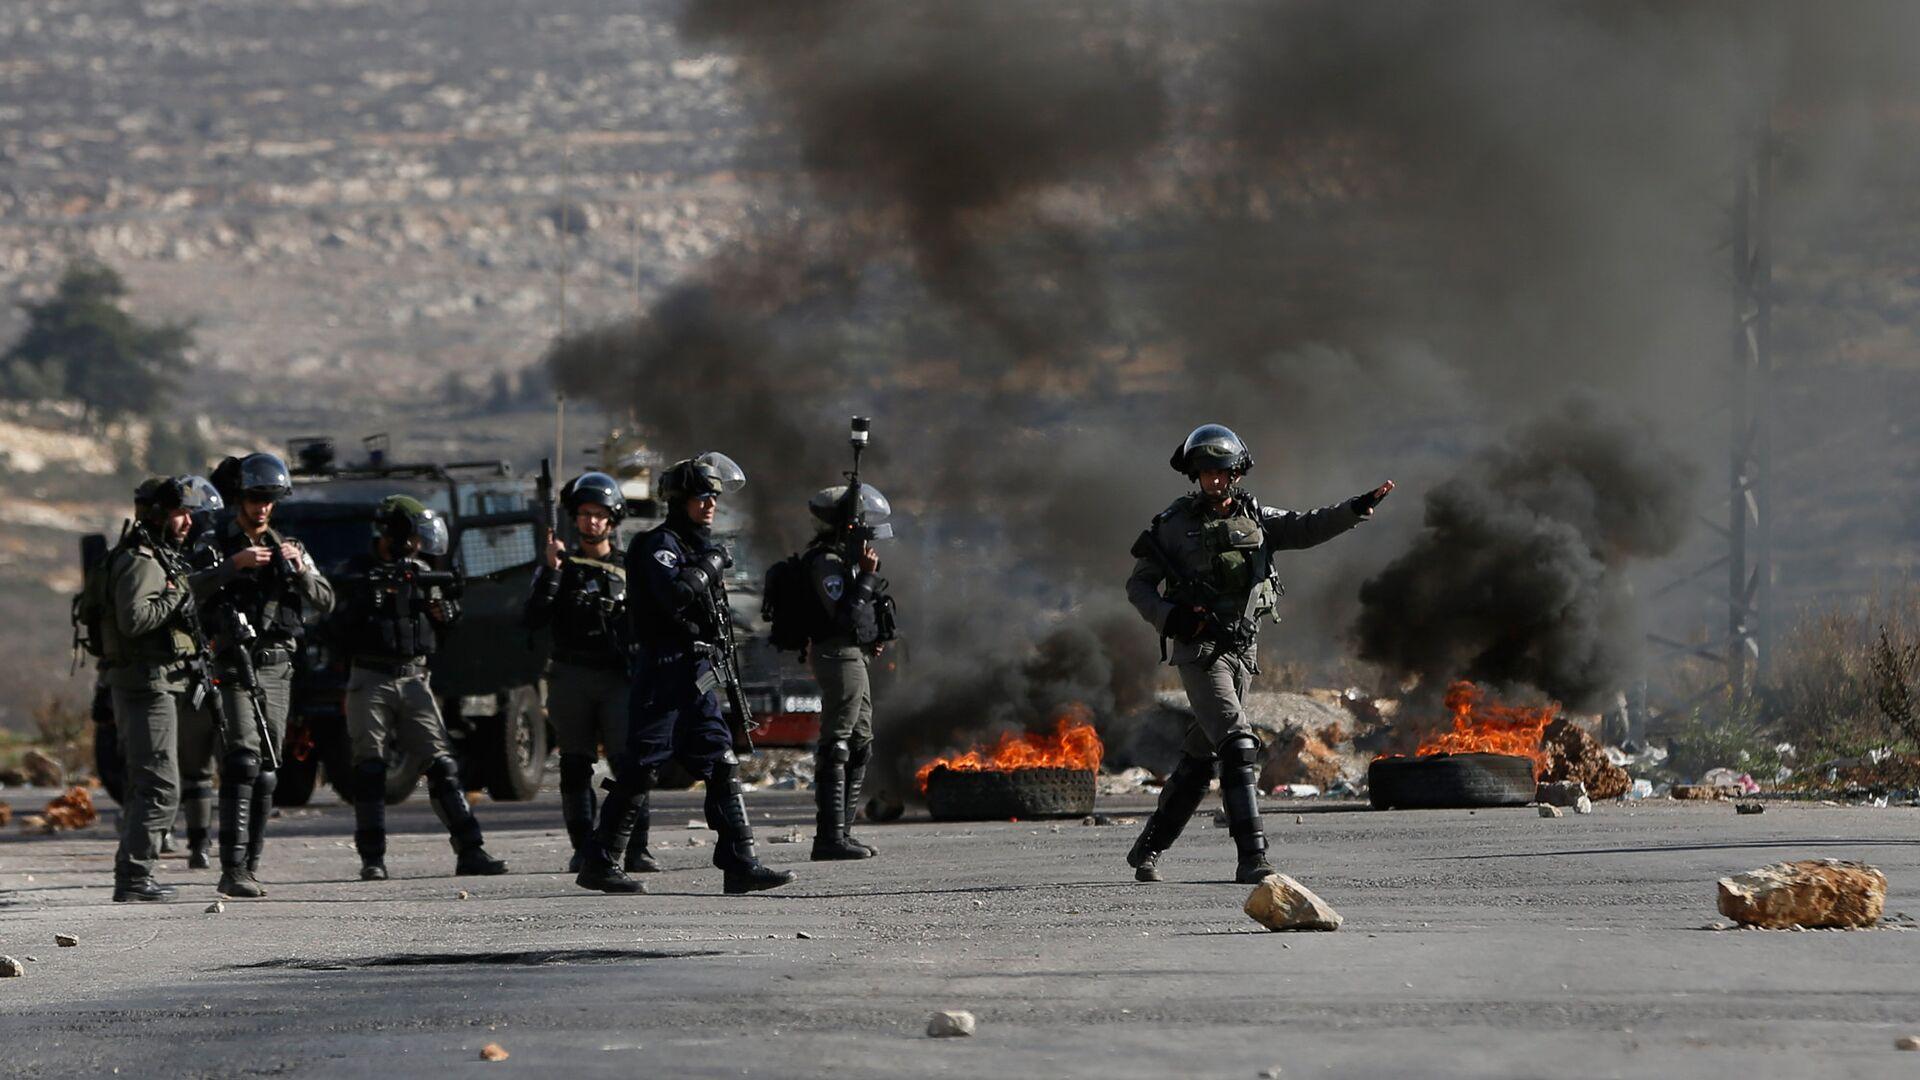 Израильские военные во время столкновений с палестинскими протестующими в районе городе Рамалла на Западном берегу. 7 декабря 2017 - РИА Новости, 1920, 11.05.2021